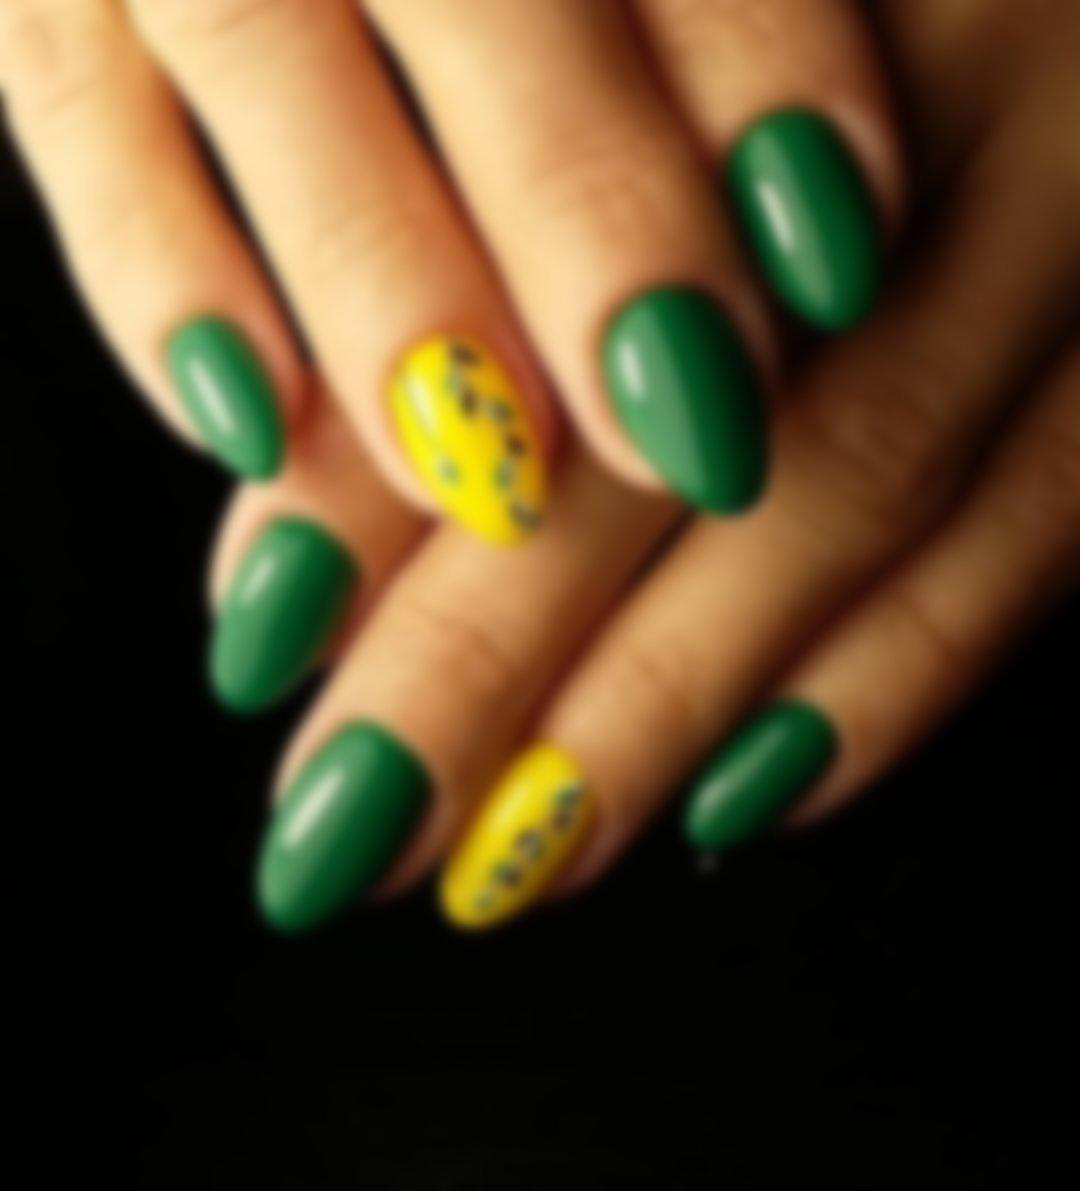 приятная желто зеленый маникюр фото тюльпанами зеленом кувшине